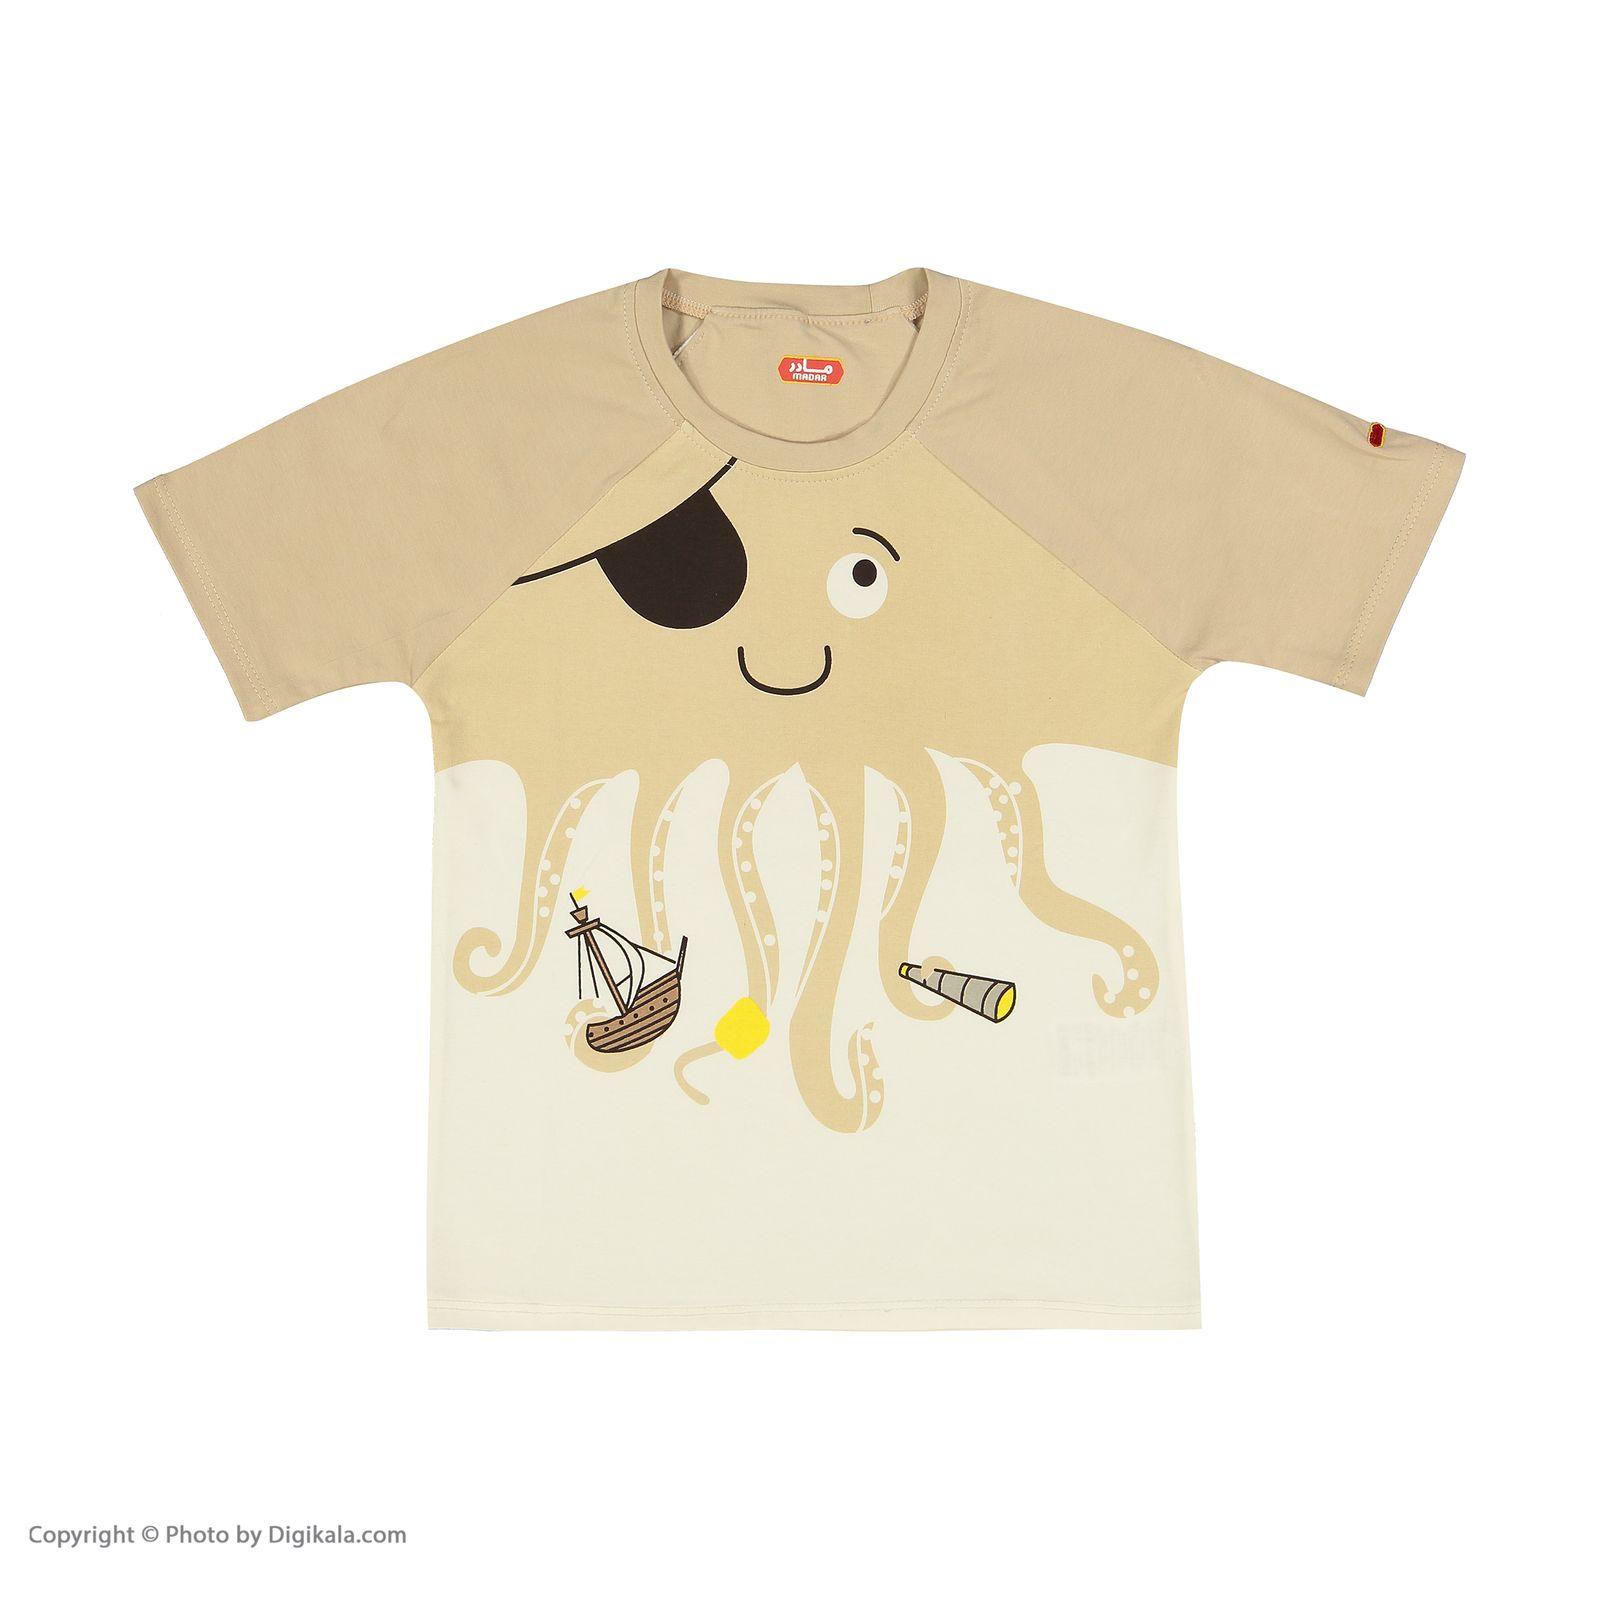 ست تی شرت و شلوارک راحتی پسرانه مادر مدل 2041107-07 main 1 2